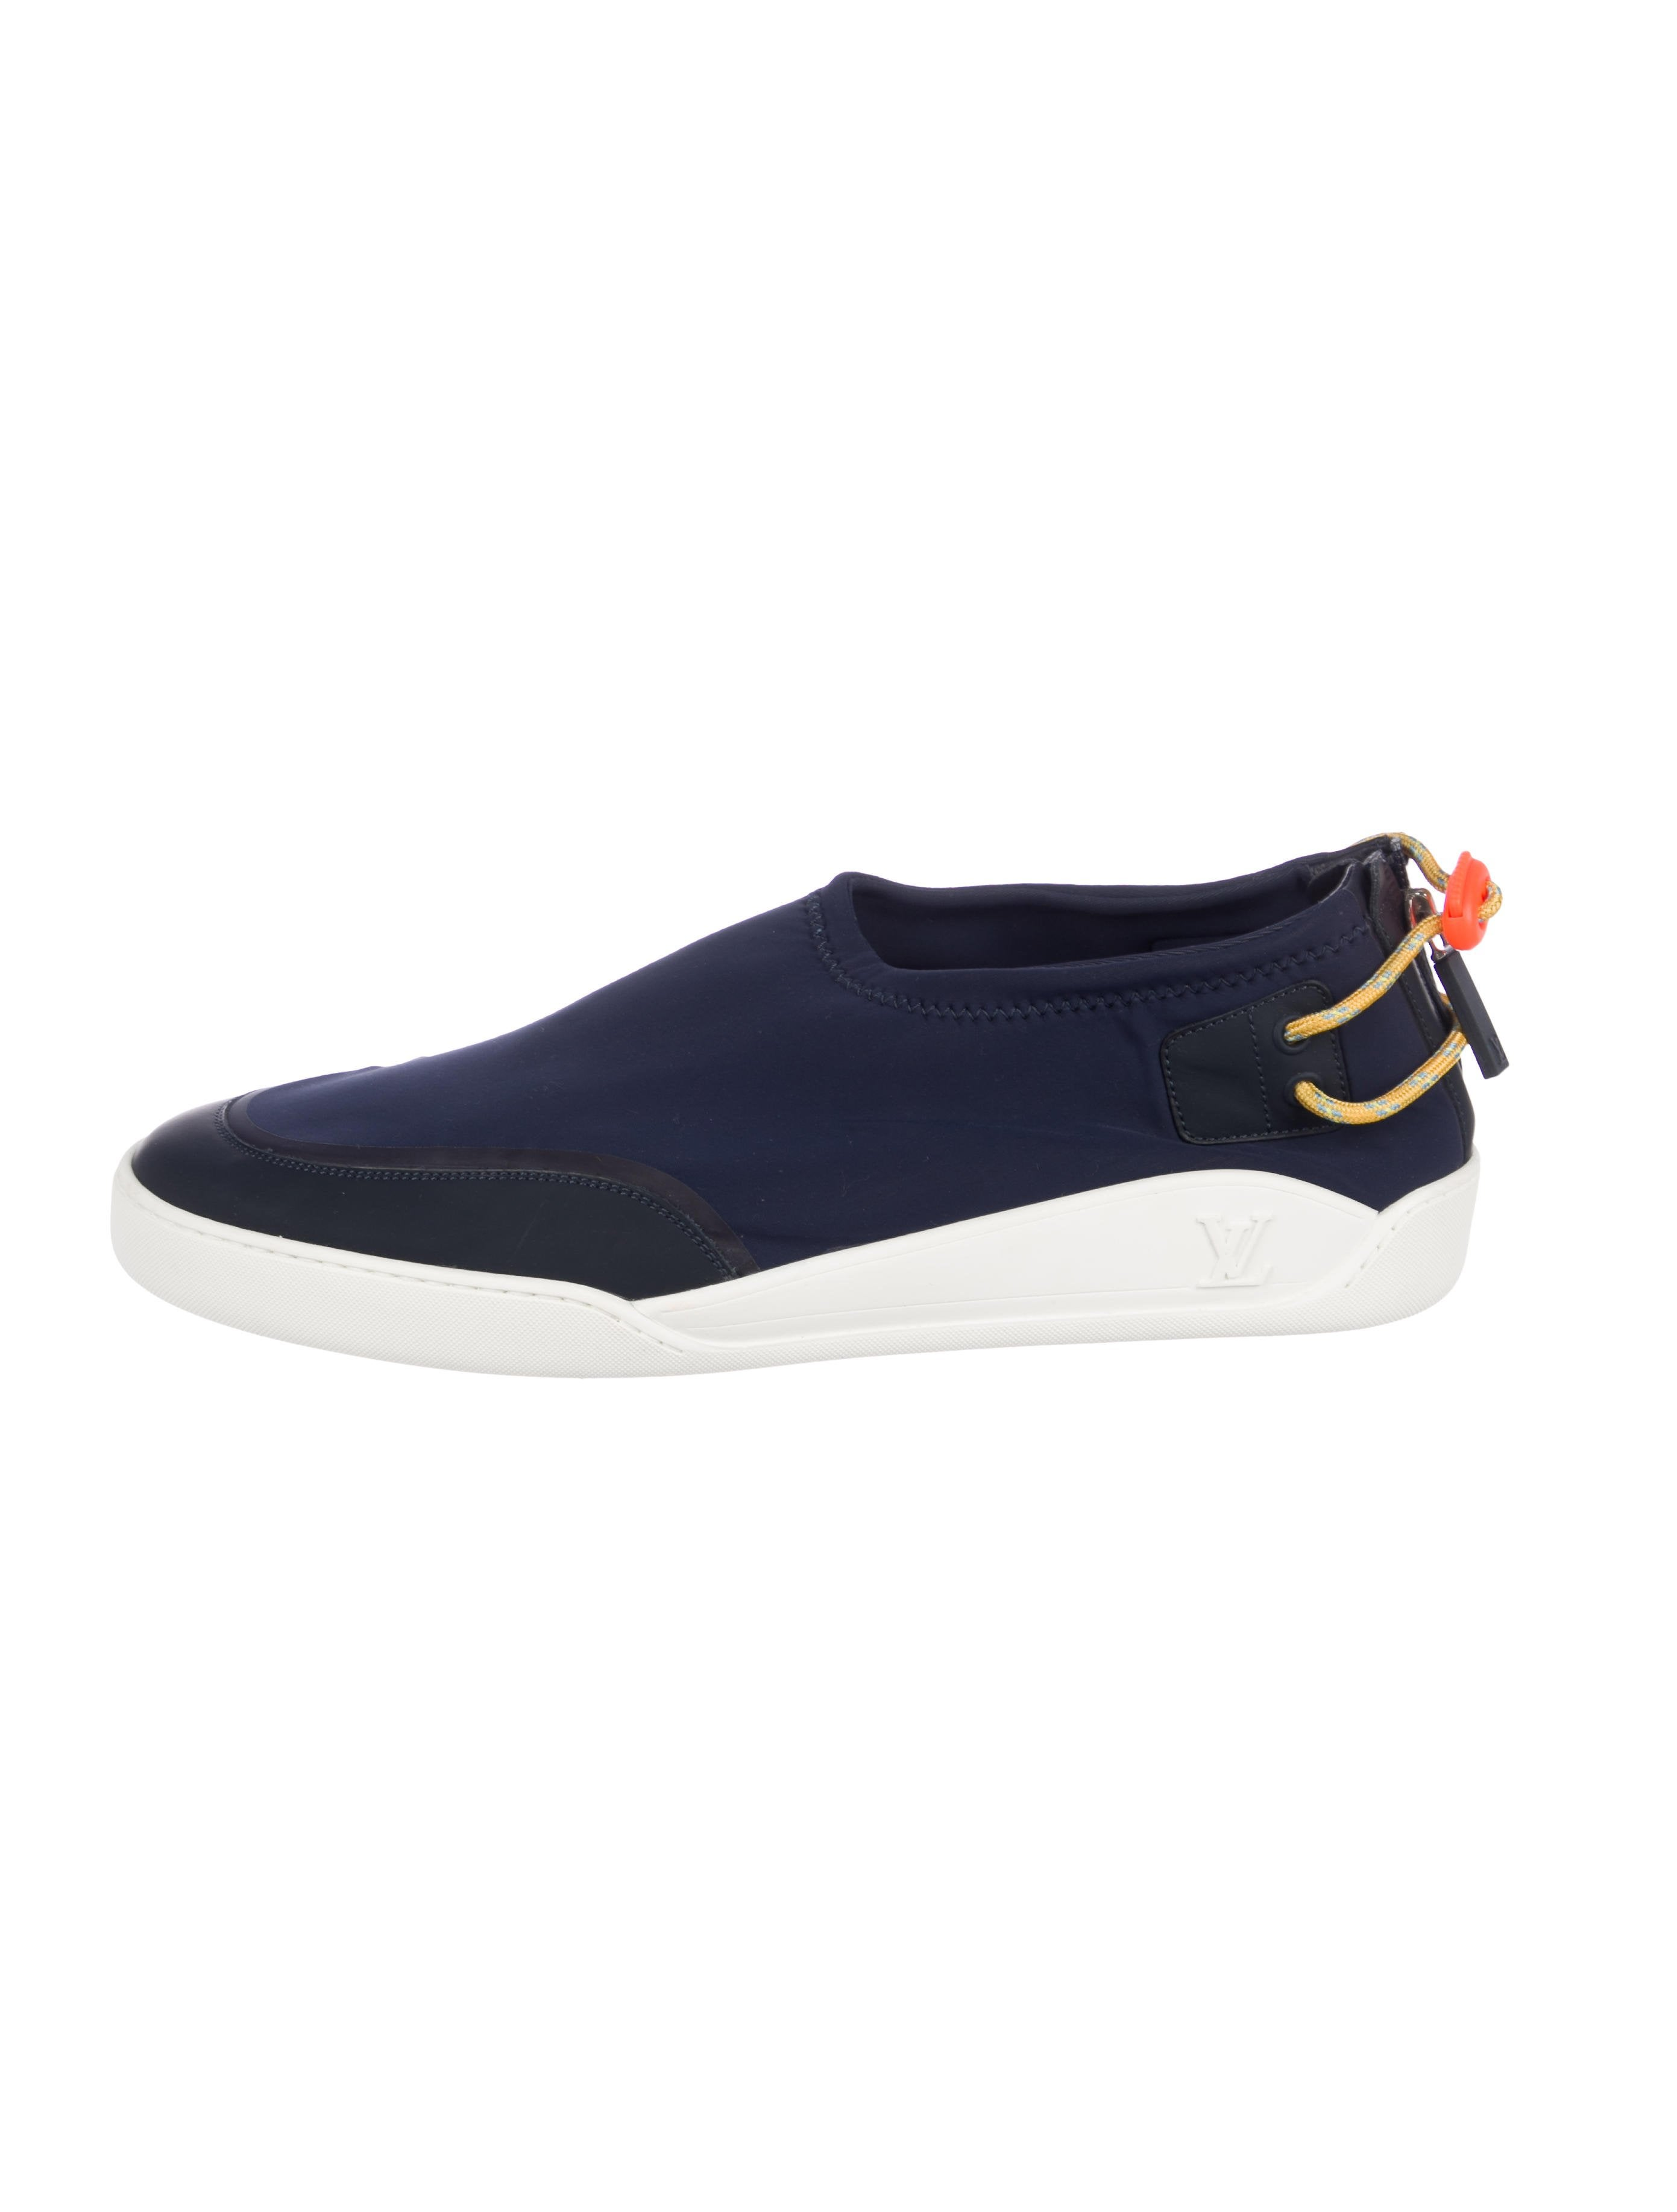 f6eae3f5de2a Louis Vuitton Shoes